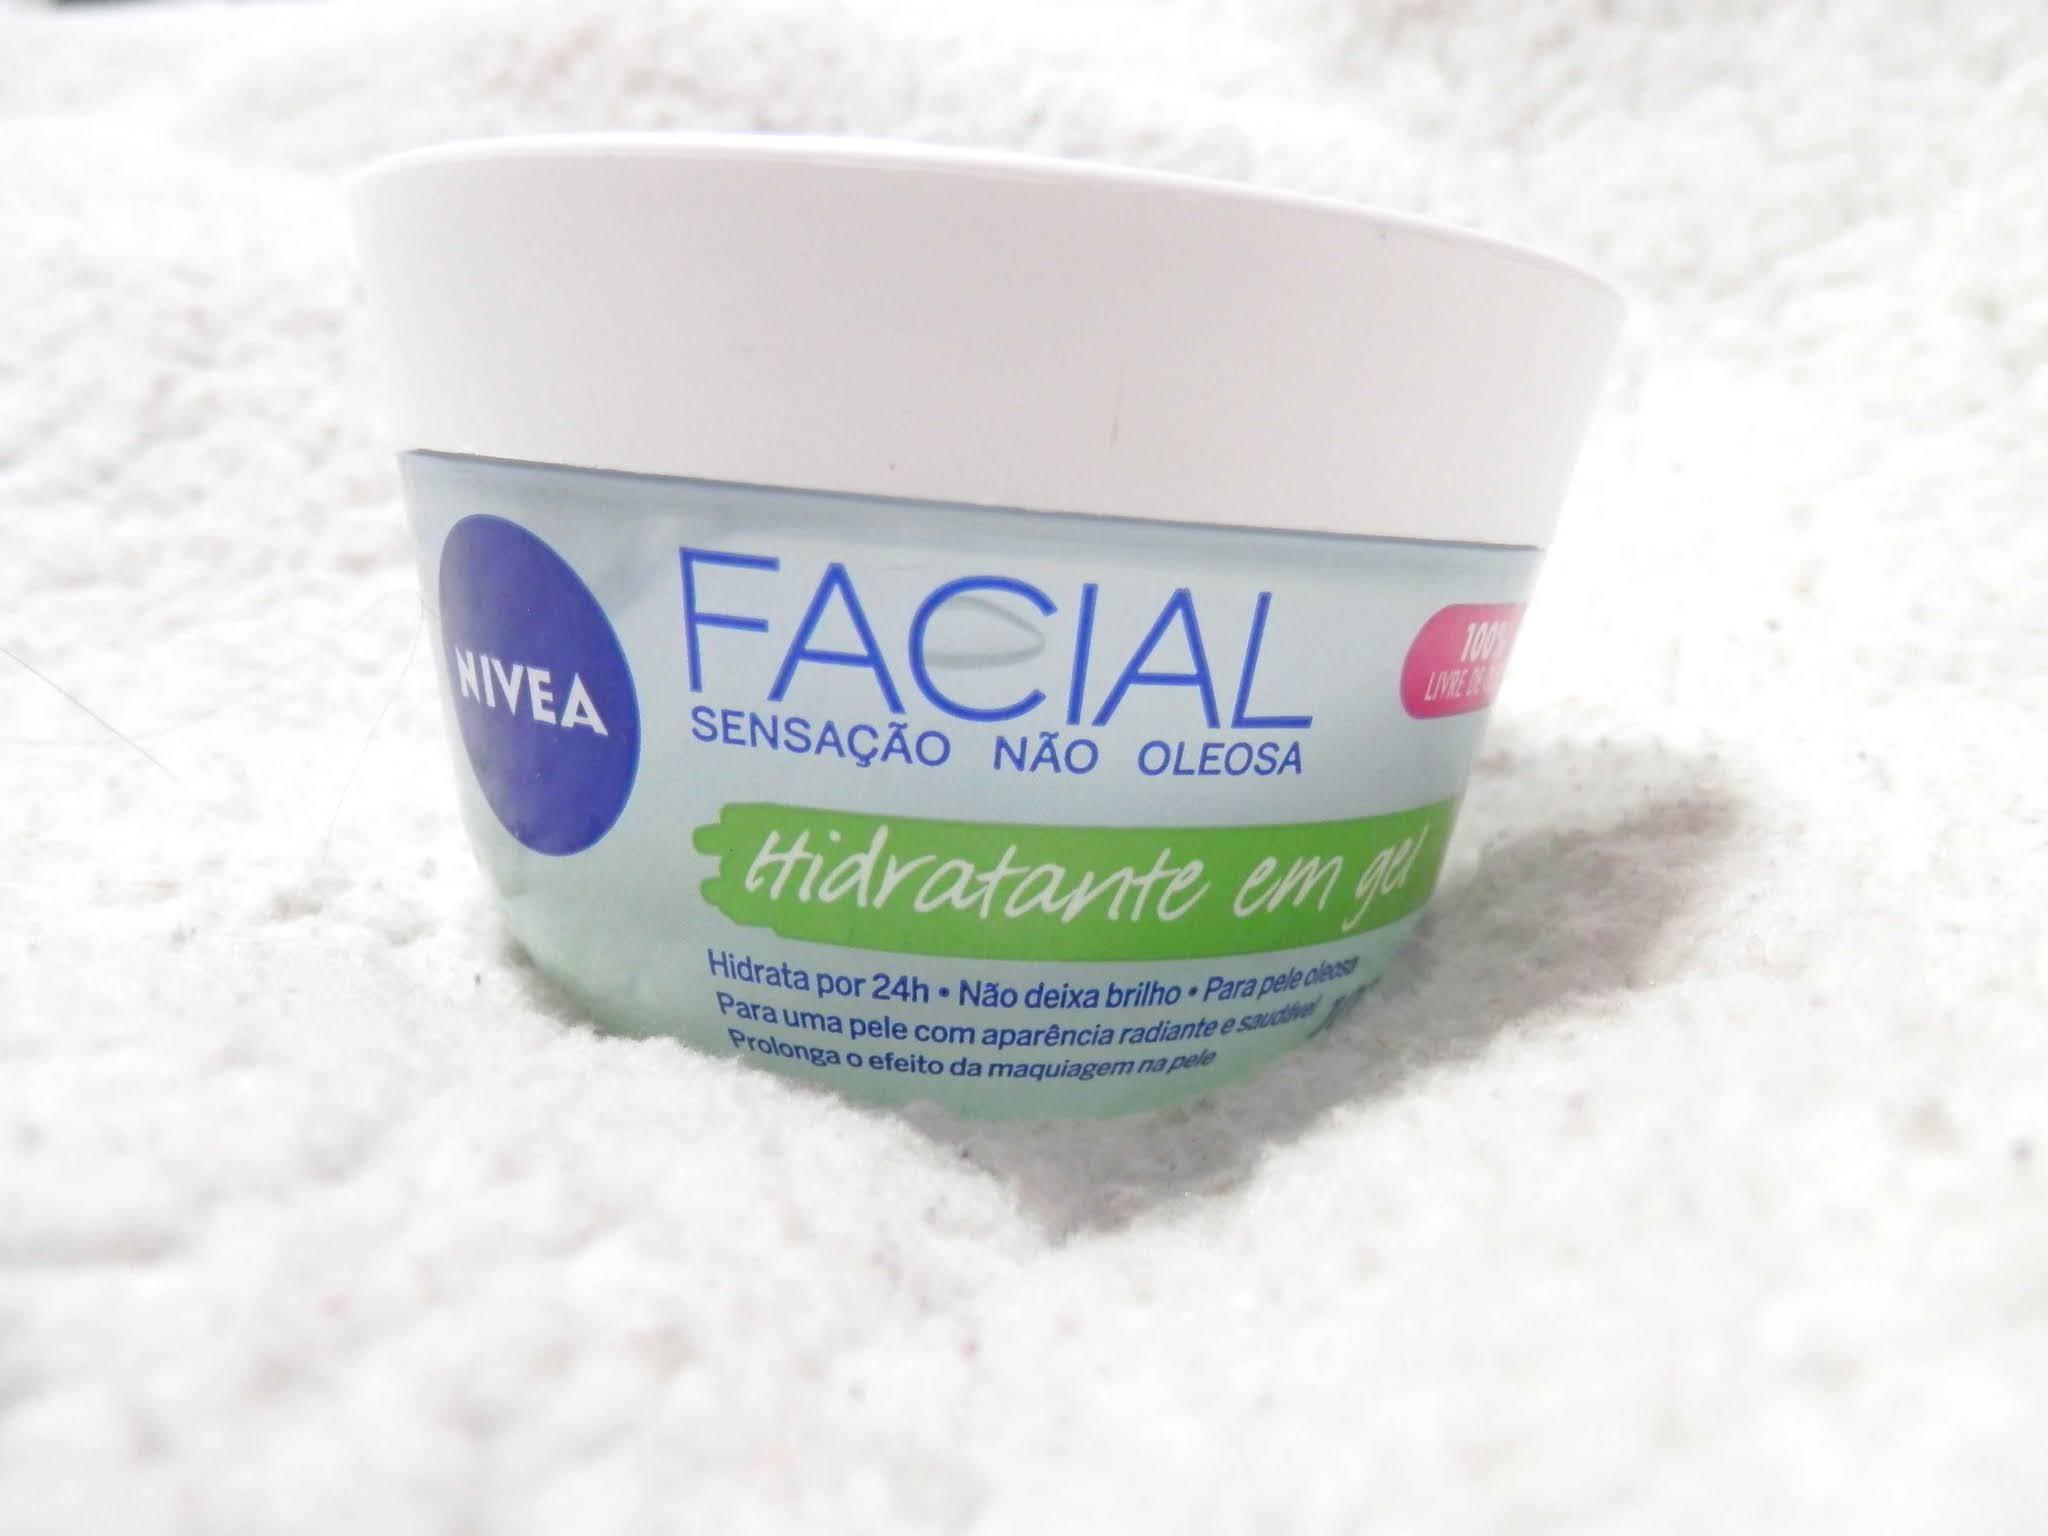 resenha hidratante em gel facial da Nívea